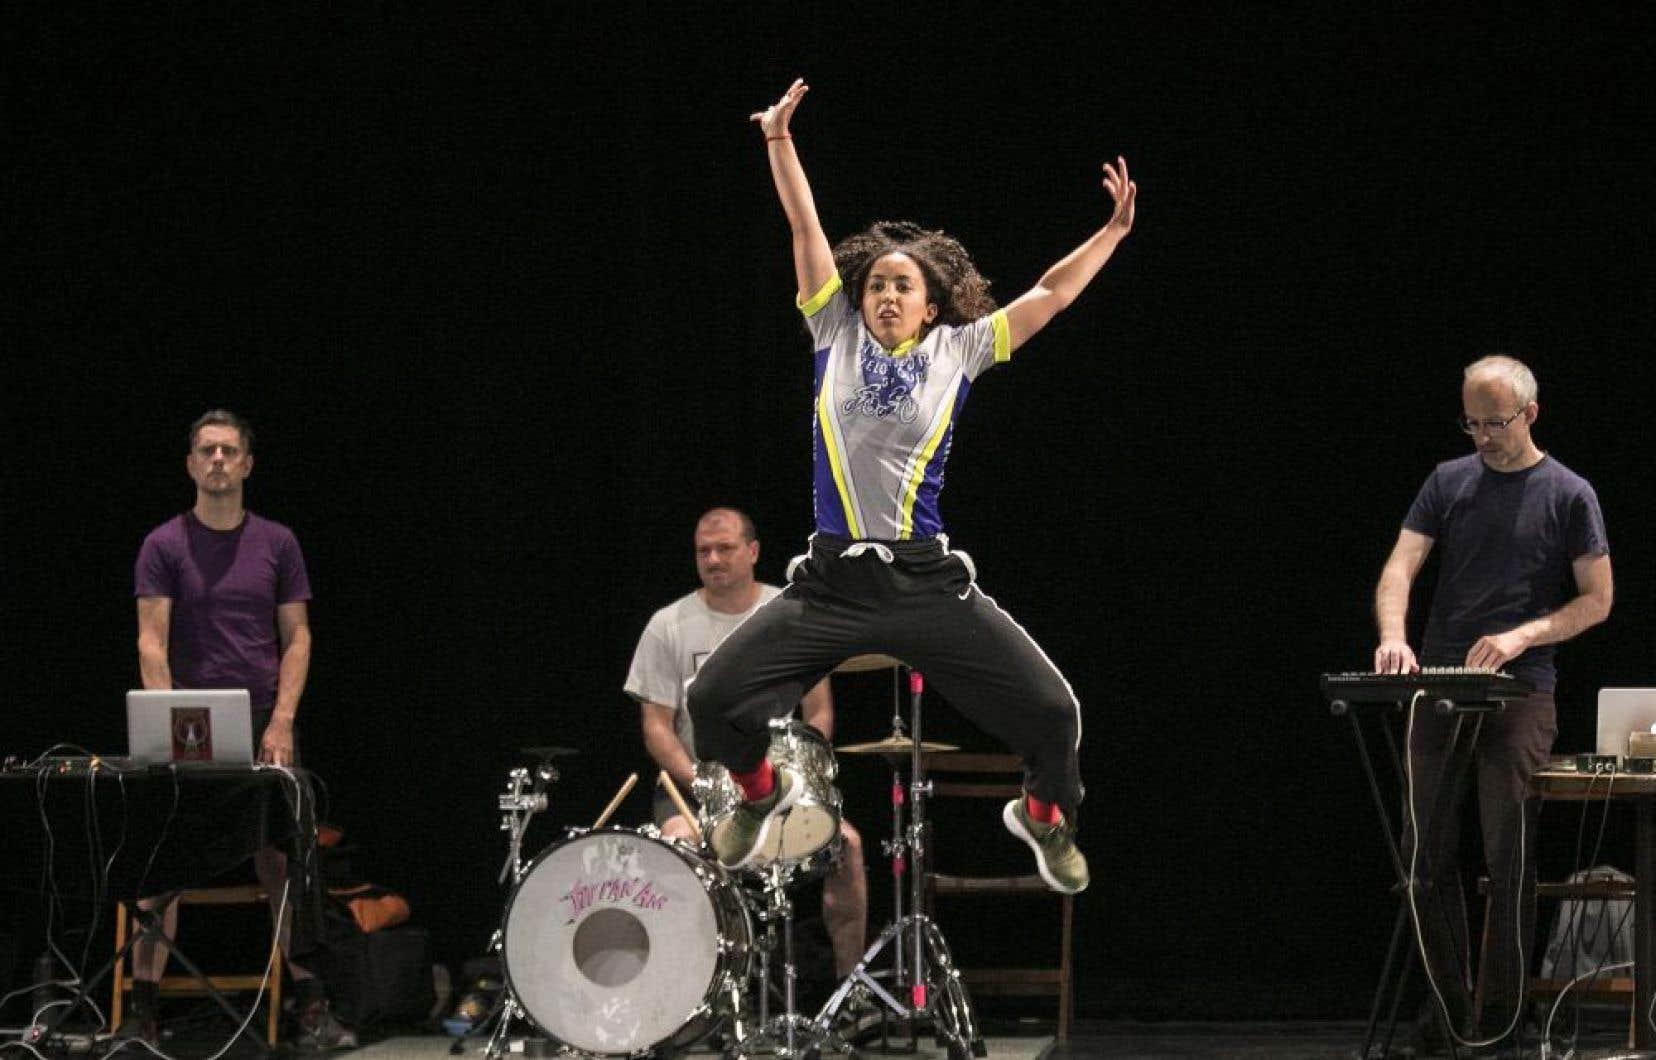 Image croquée lors d'une répétition du spectacle «Frontera», fruit des retrouvailles artistiques de la chorégraphe Dana Gingras avec le groupe post-rock Fly Pan Am